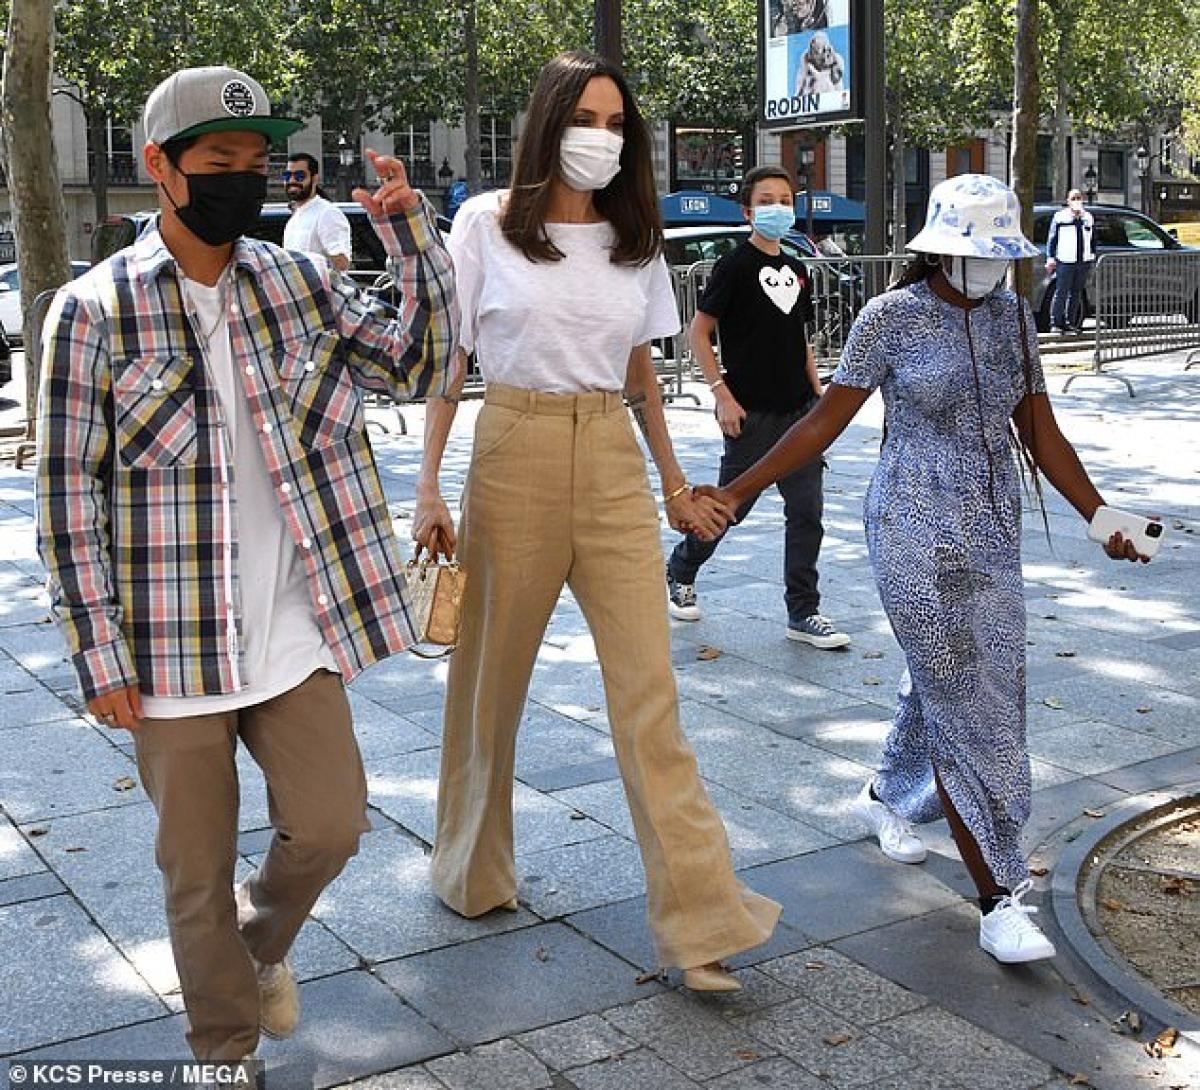 Angelina Jolie đưa các con đi du lịch nhiều nơi sau khi dịch Covid-19 đỡ căng thẳng ở Mỹ và châu Âu.